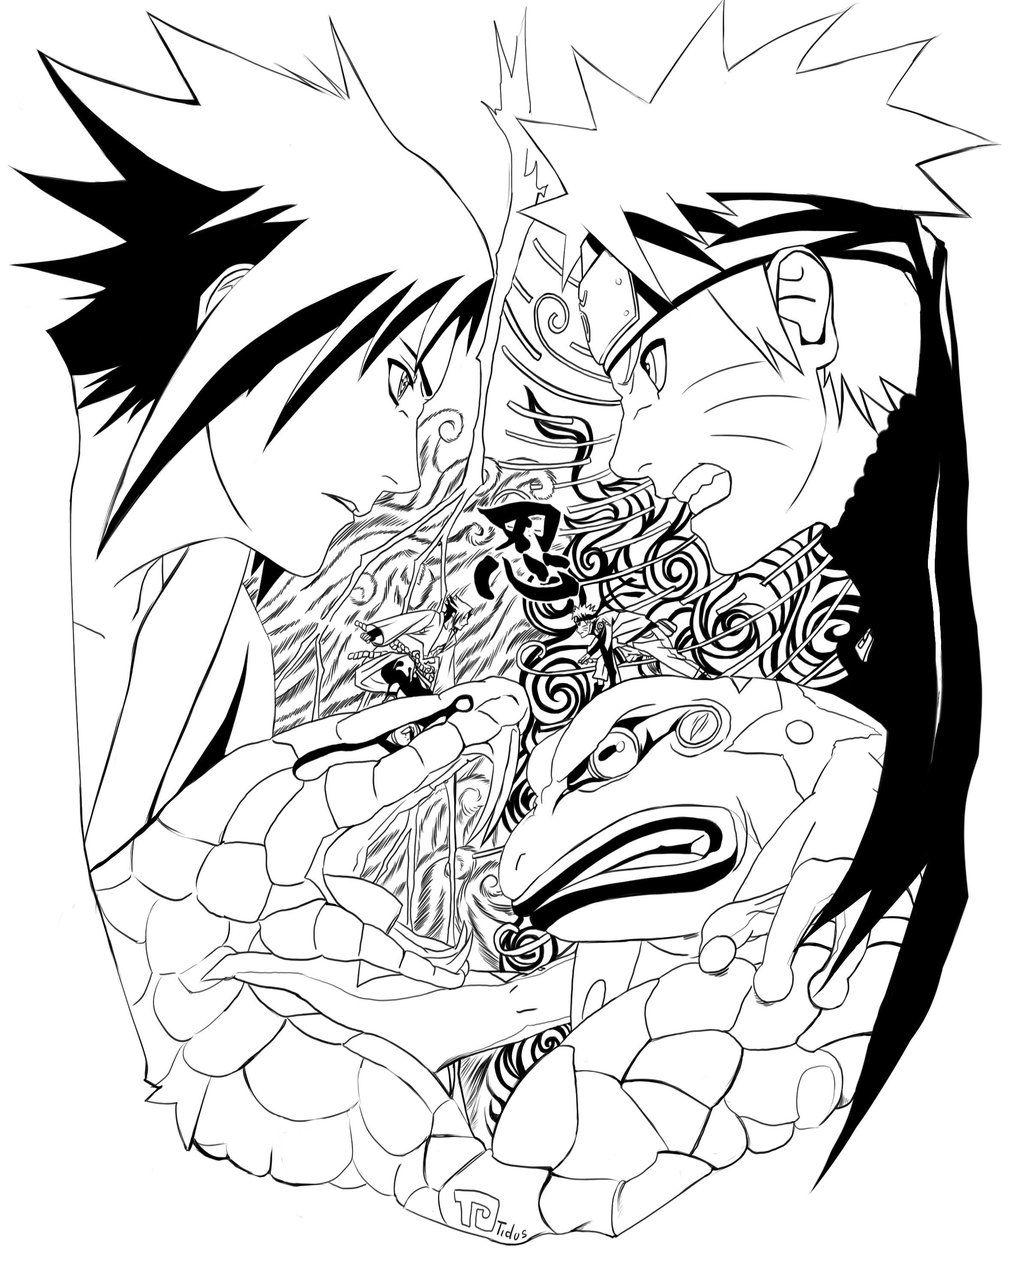 Sasuke Naruto Naruto desenho, Anime naruto, Animes manga